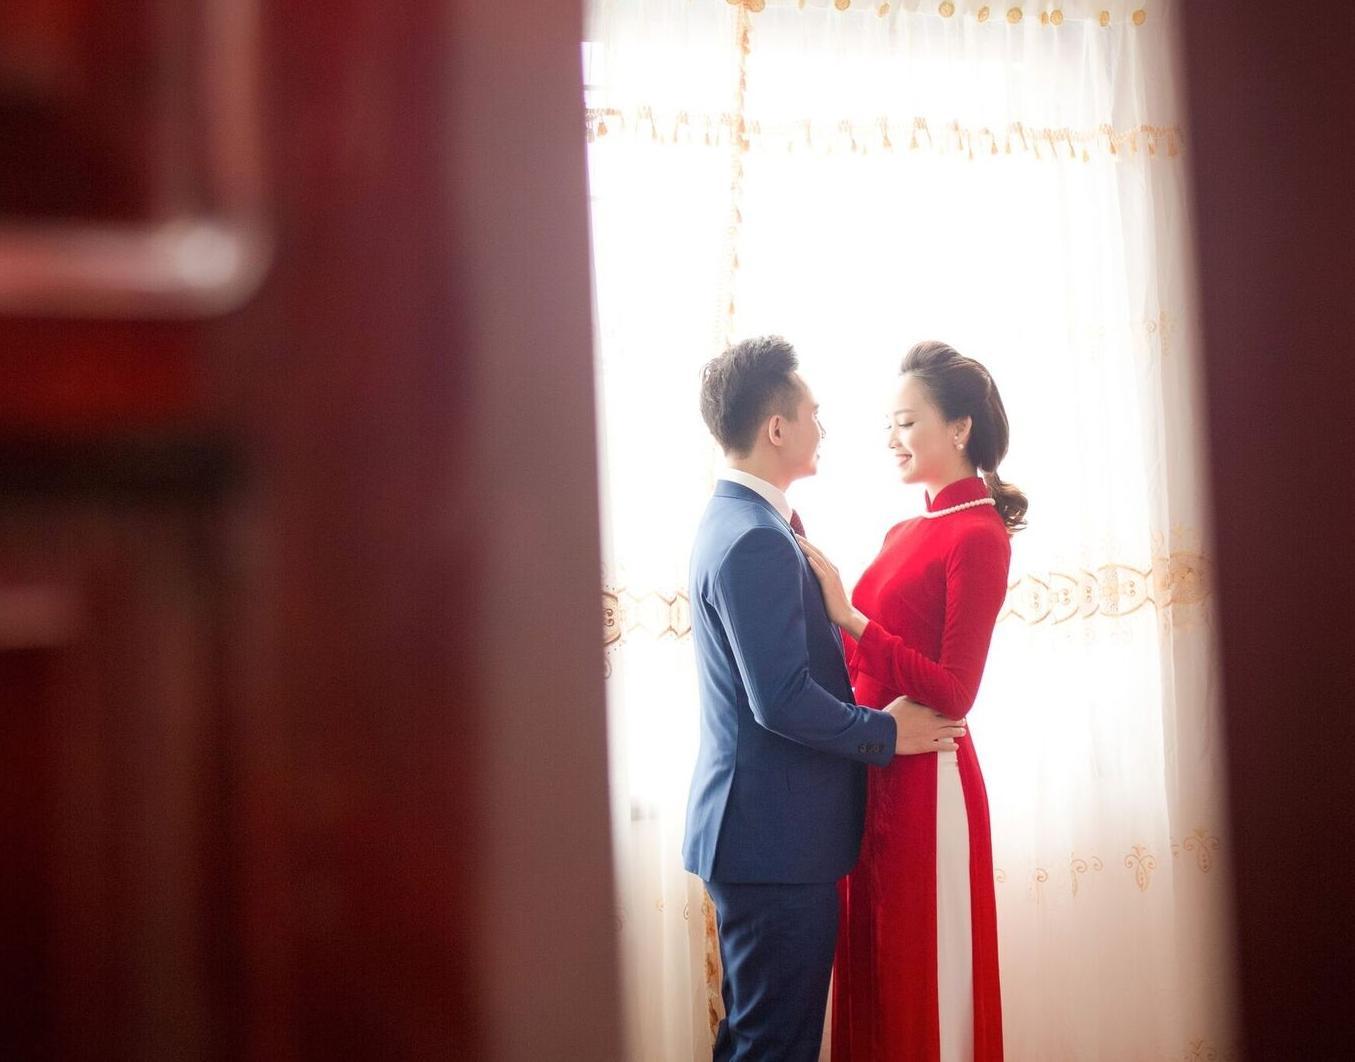 Hoa hậu khả ái Trần Tố Như nở nụ cười rạng rỡ, nắm chặt tay hot boy cảnh sát trong suốt lễ ăn hỏi-3